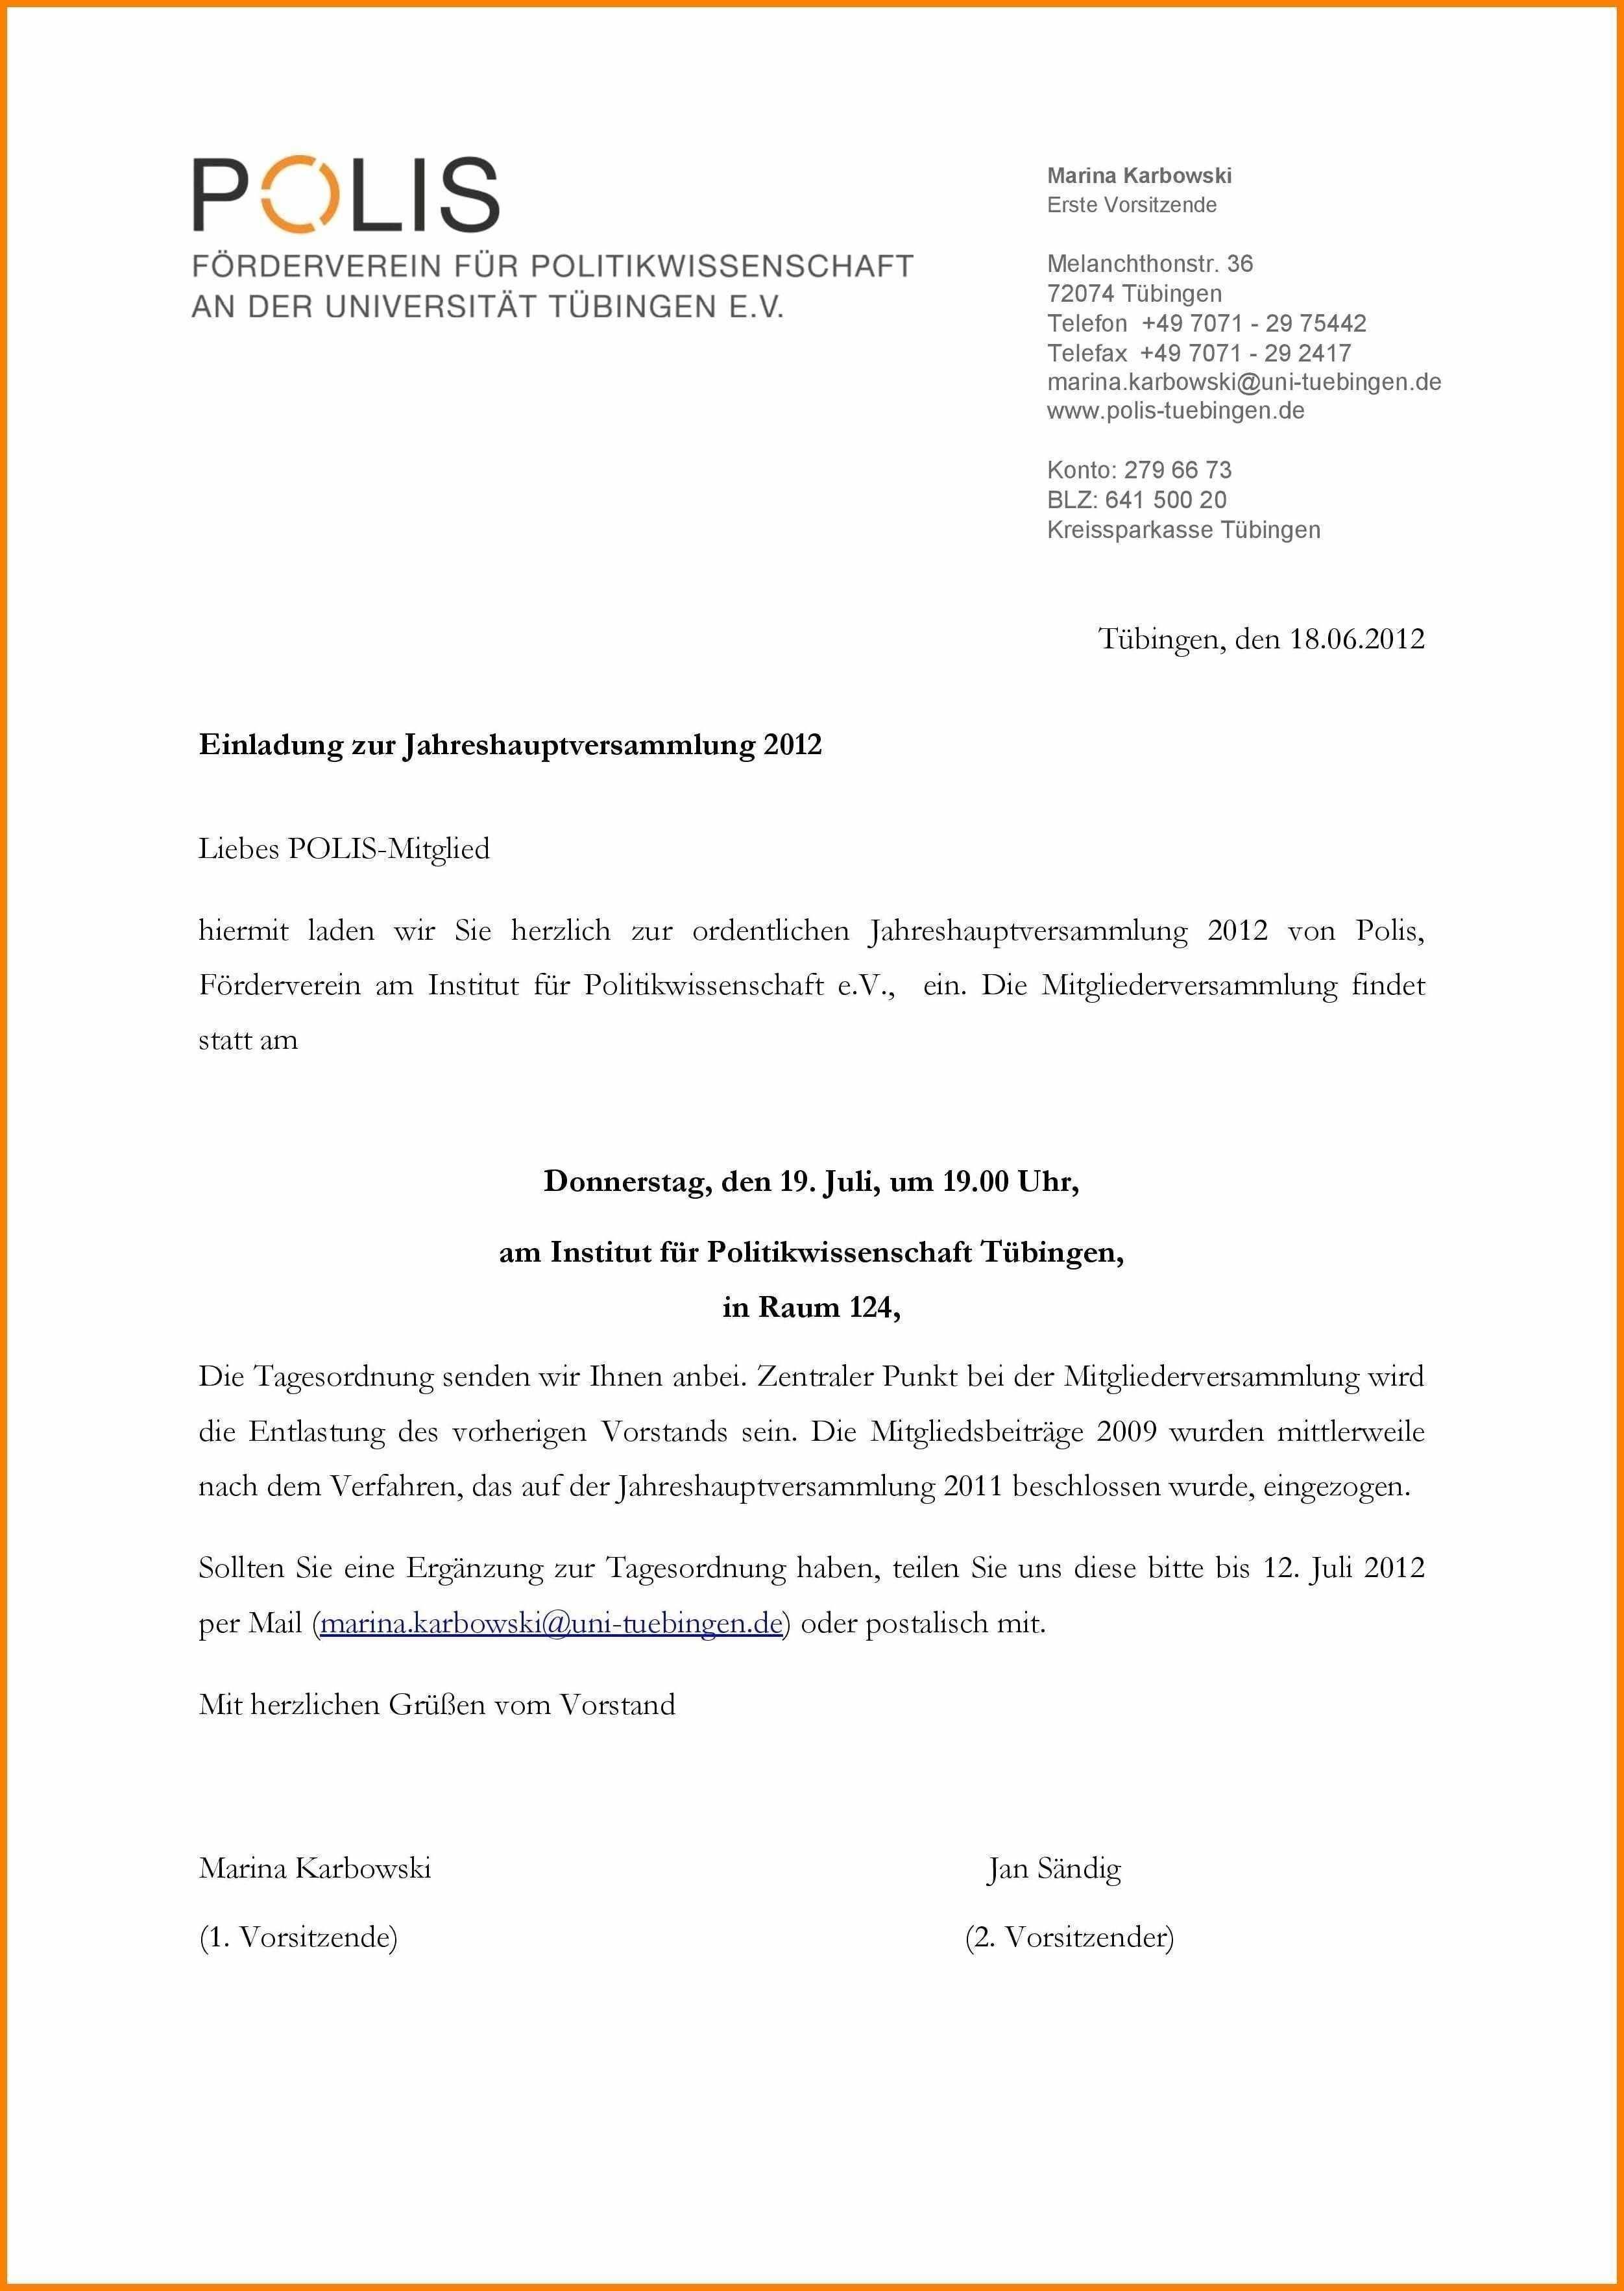 6 Dankschreiben Vorstellungsgespra Ch Email Muster Elwash Intended For Dankschreiben Vorstellungsg Einladungen Einladung Klassentreffen Einladung Geburtstag